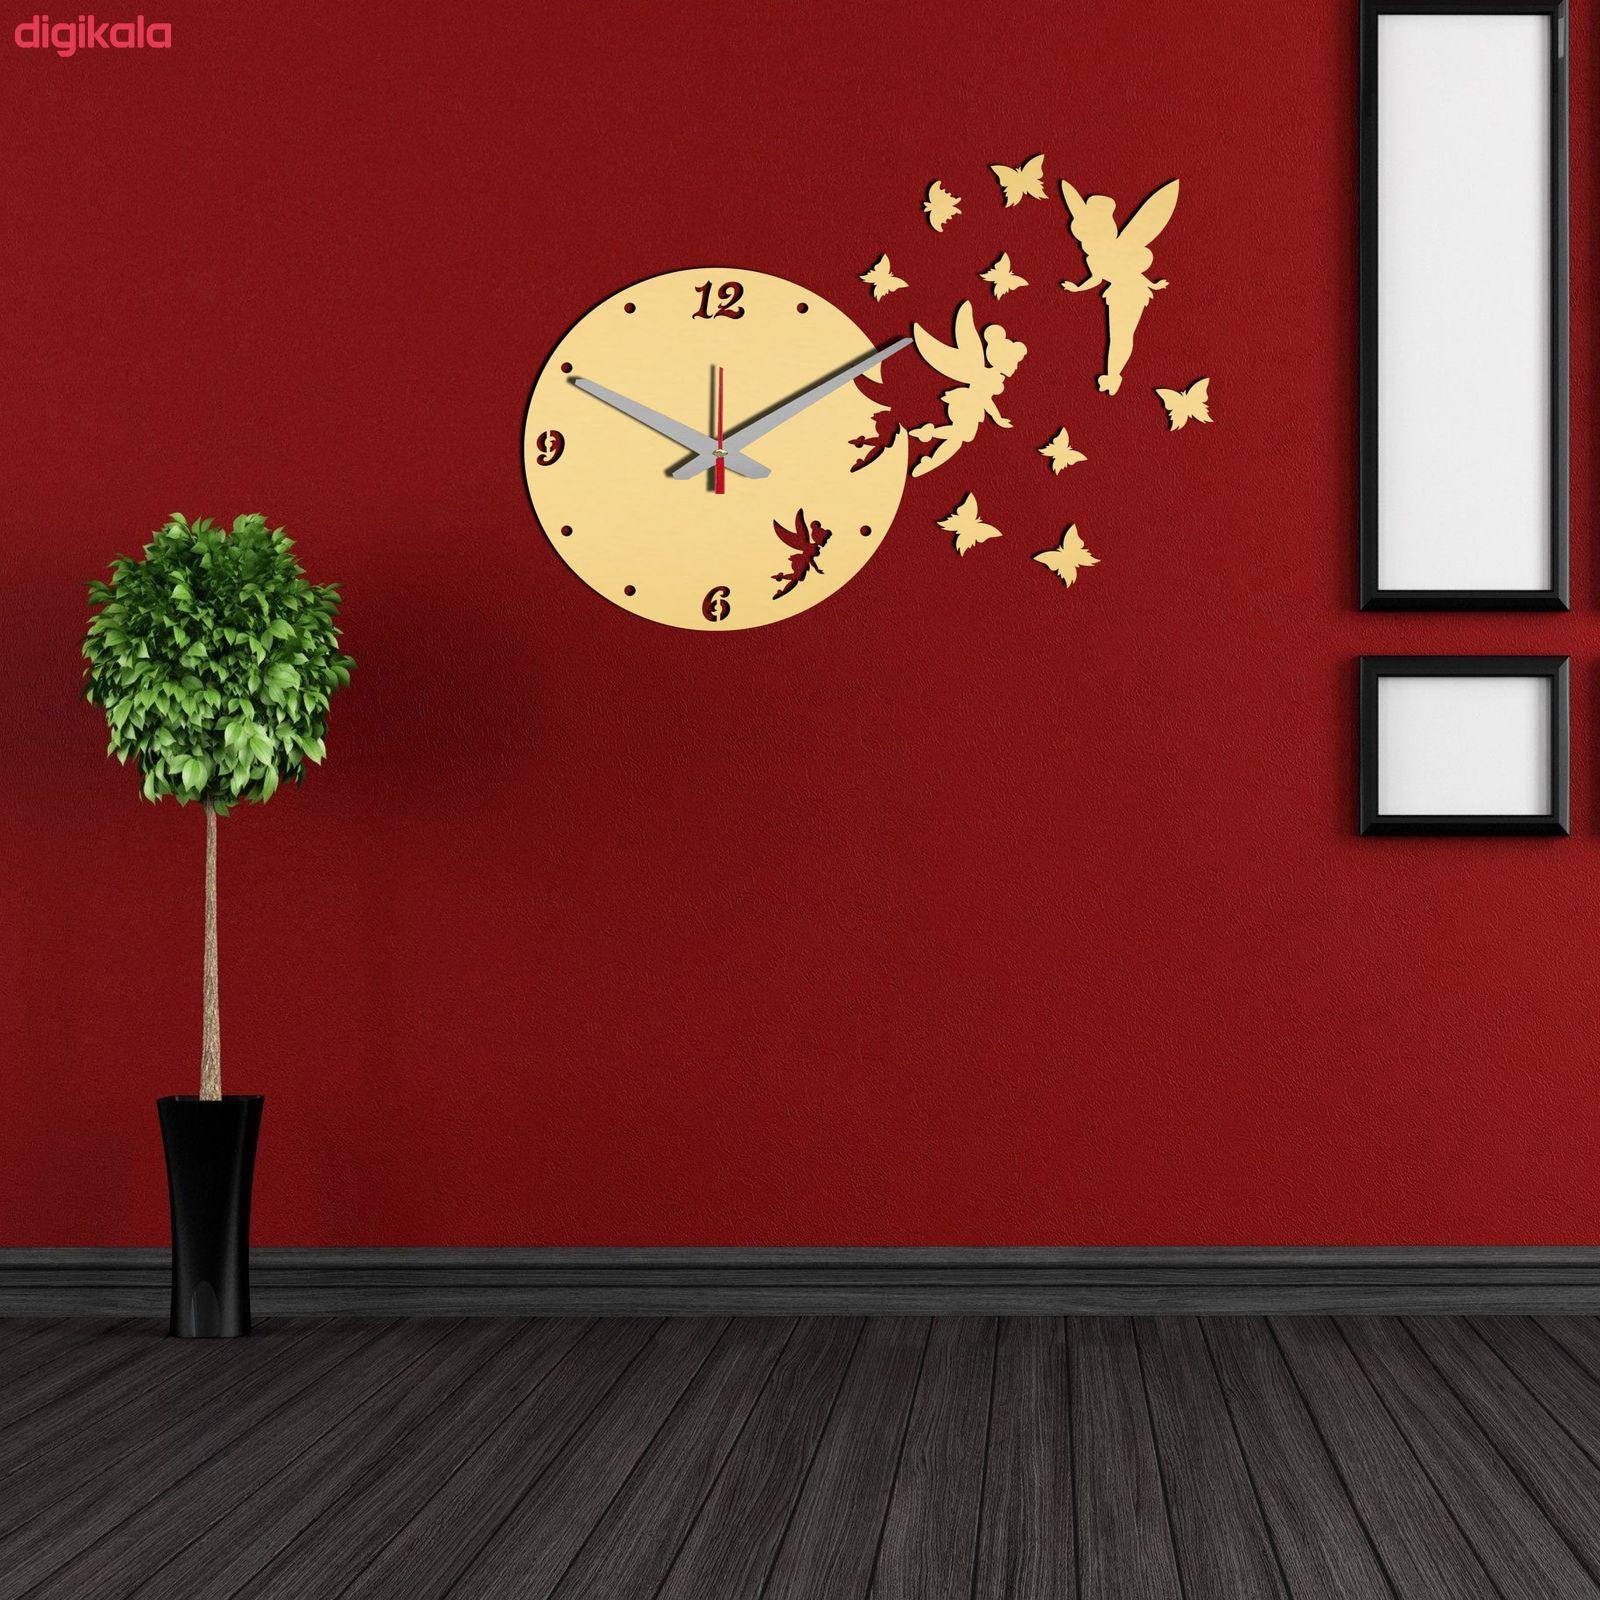 ساعت دیواری بتابی مدل فرشته کد 1057